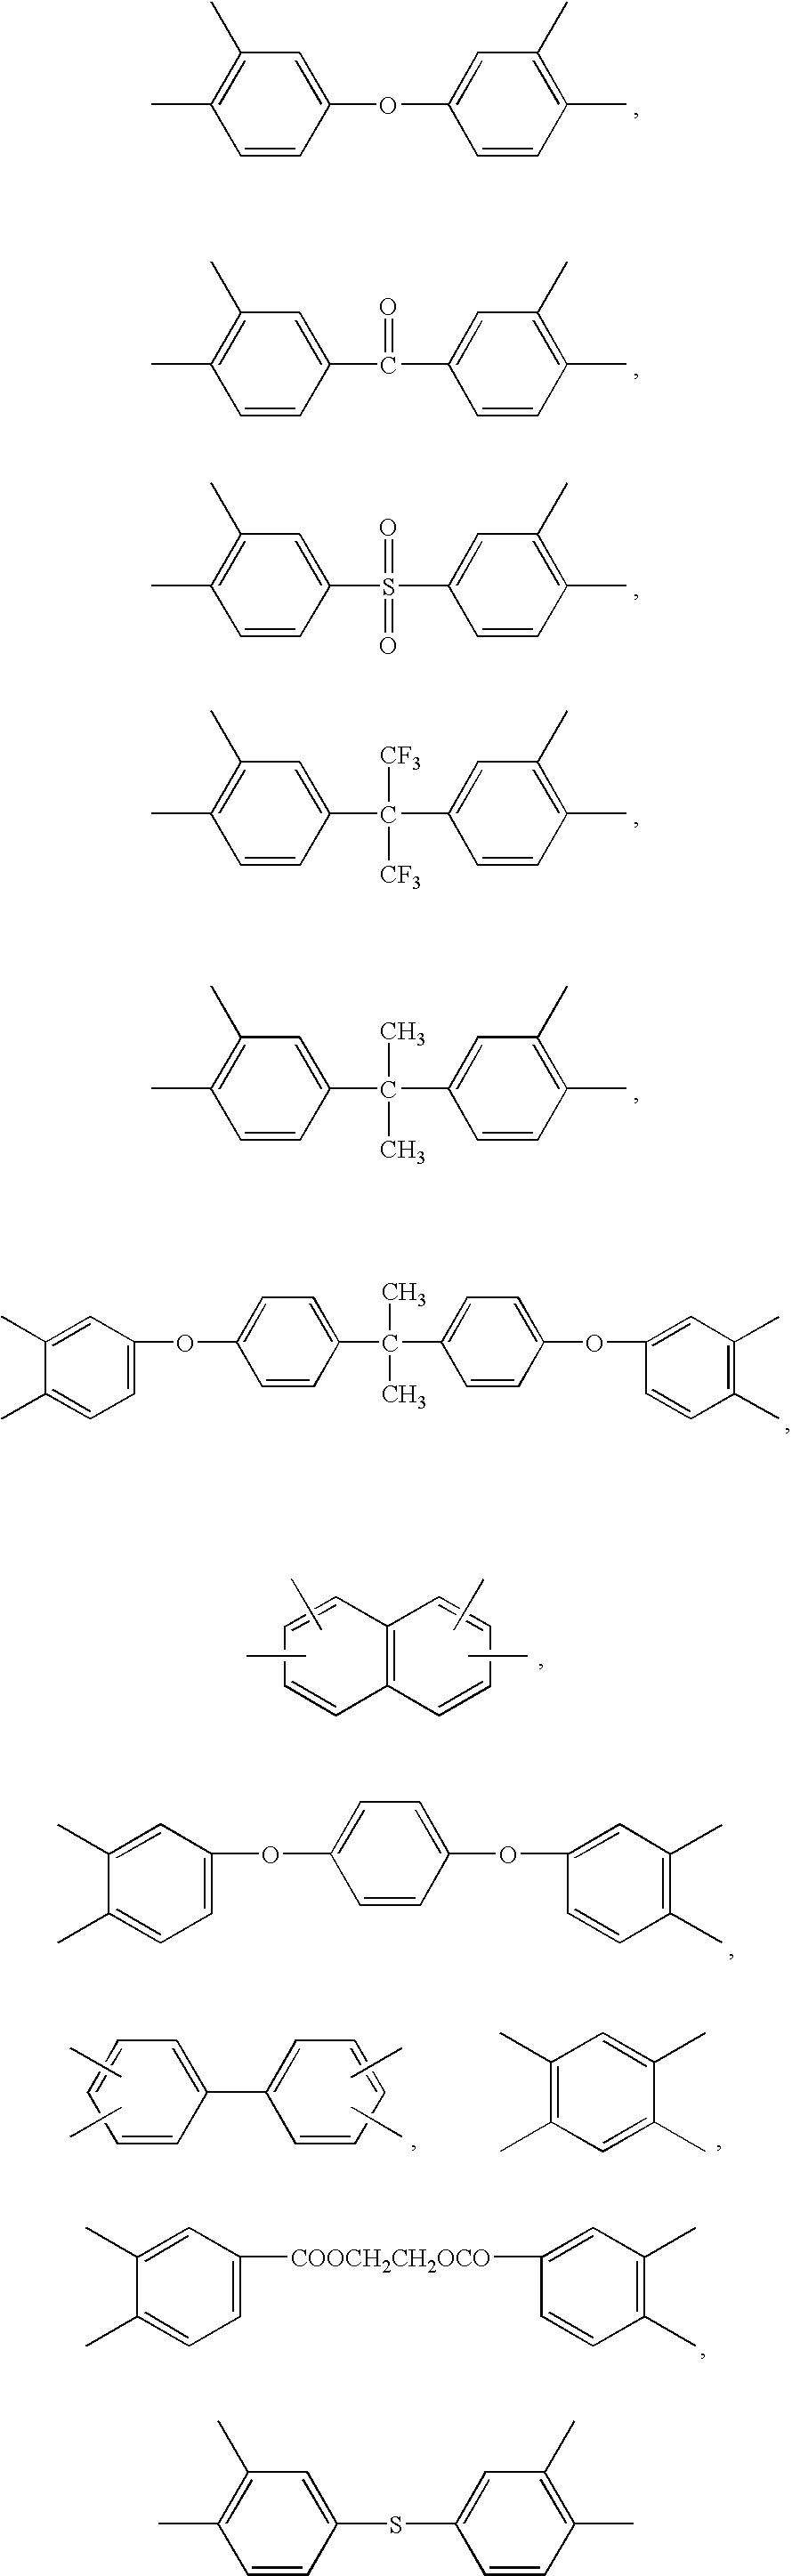 Figure US20100242723A1-20100930-C00002